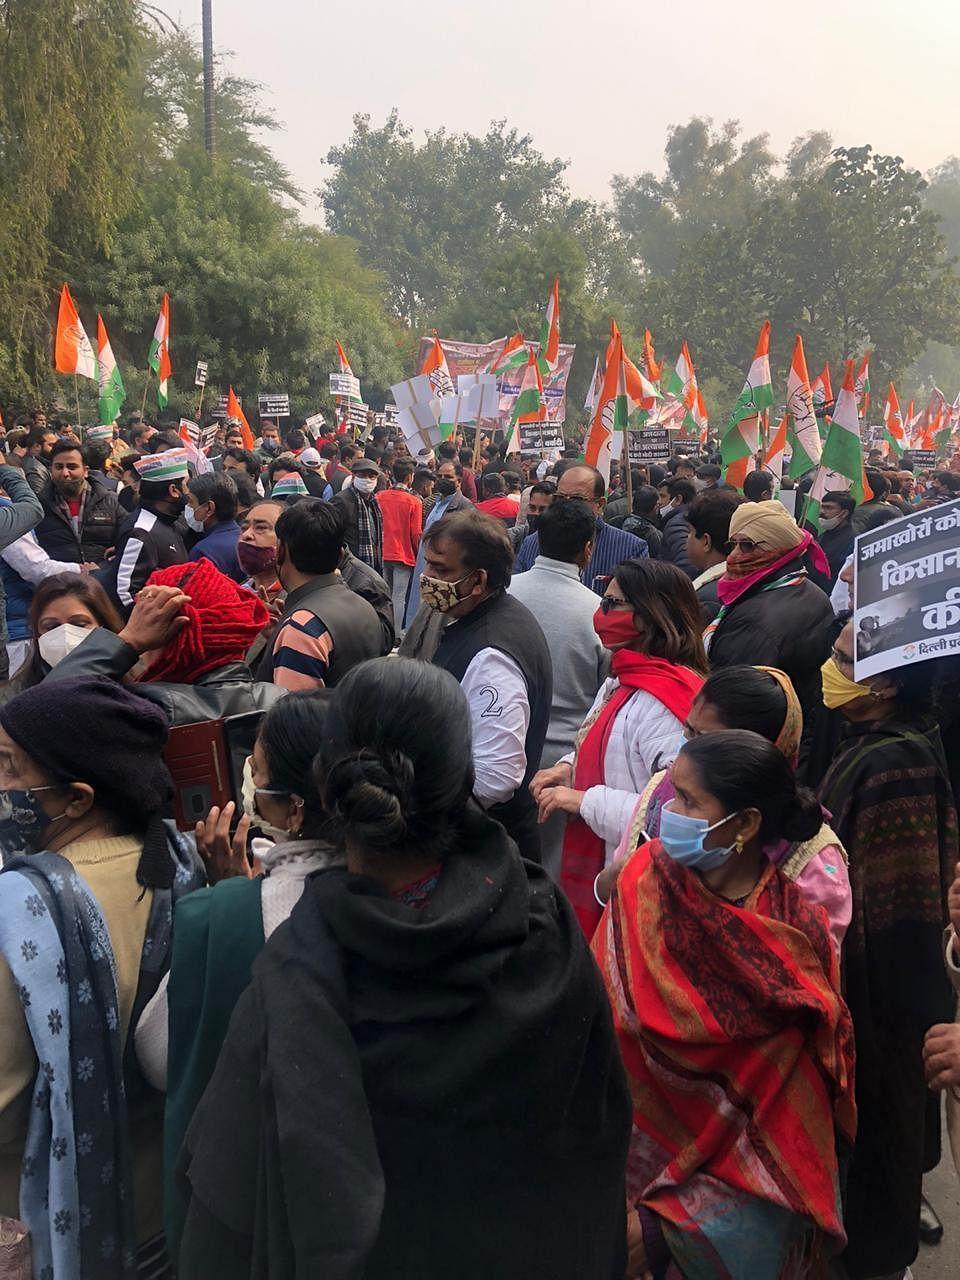 اہم خبریں: تینوں زرعی قوانین کسانوں کو ختم کرنے کے قوانین ہیں... راہل گاندھی